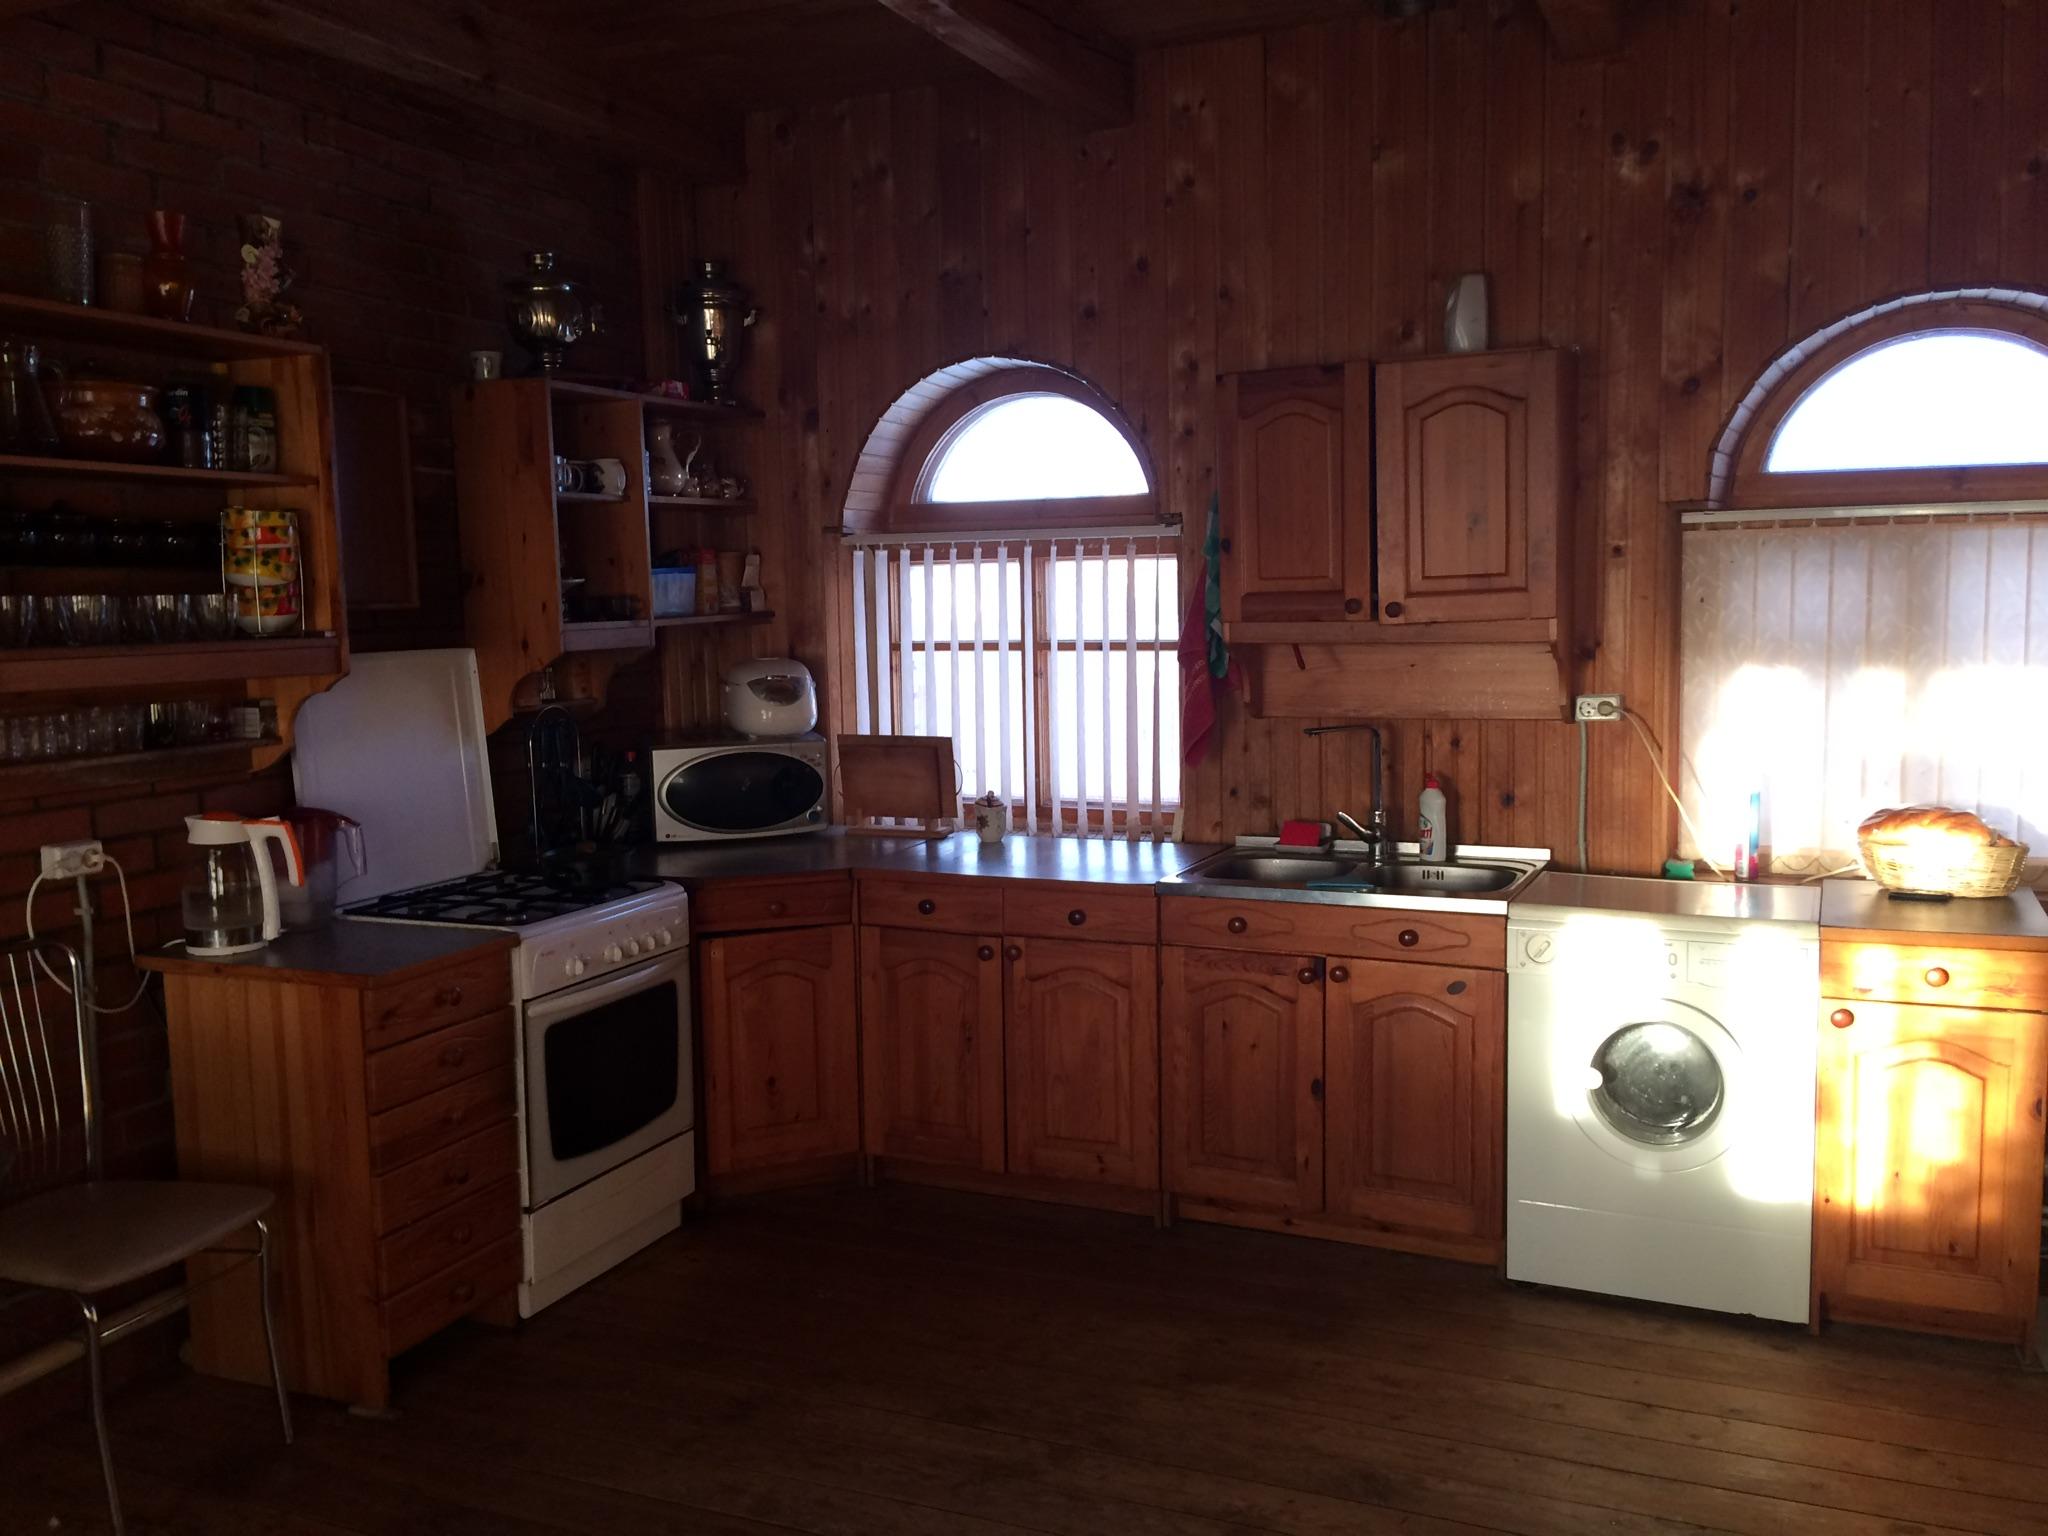 Продаётся жилой дом в коттеджном посёлке 2,5 км от города